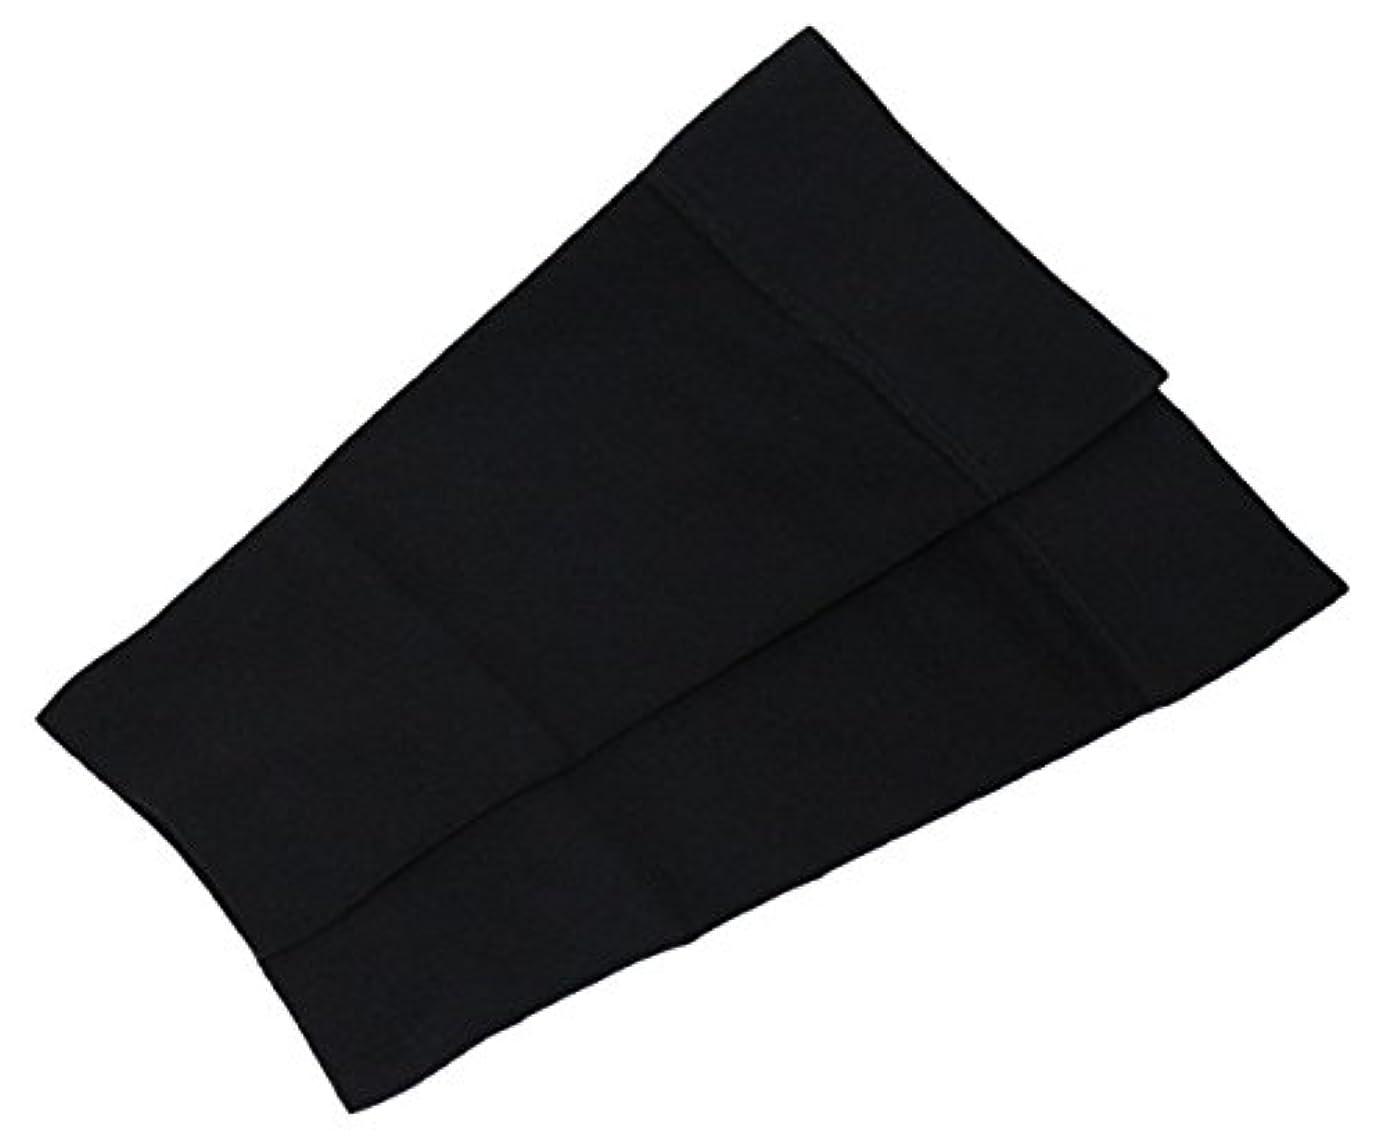 風変わりなヒール桁ギロファ?ふくらはぎサポーター?メモリー02 ブラック Lサイズ